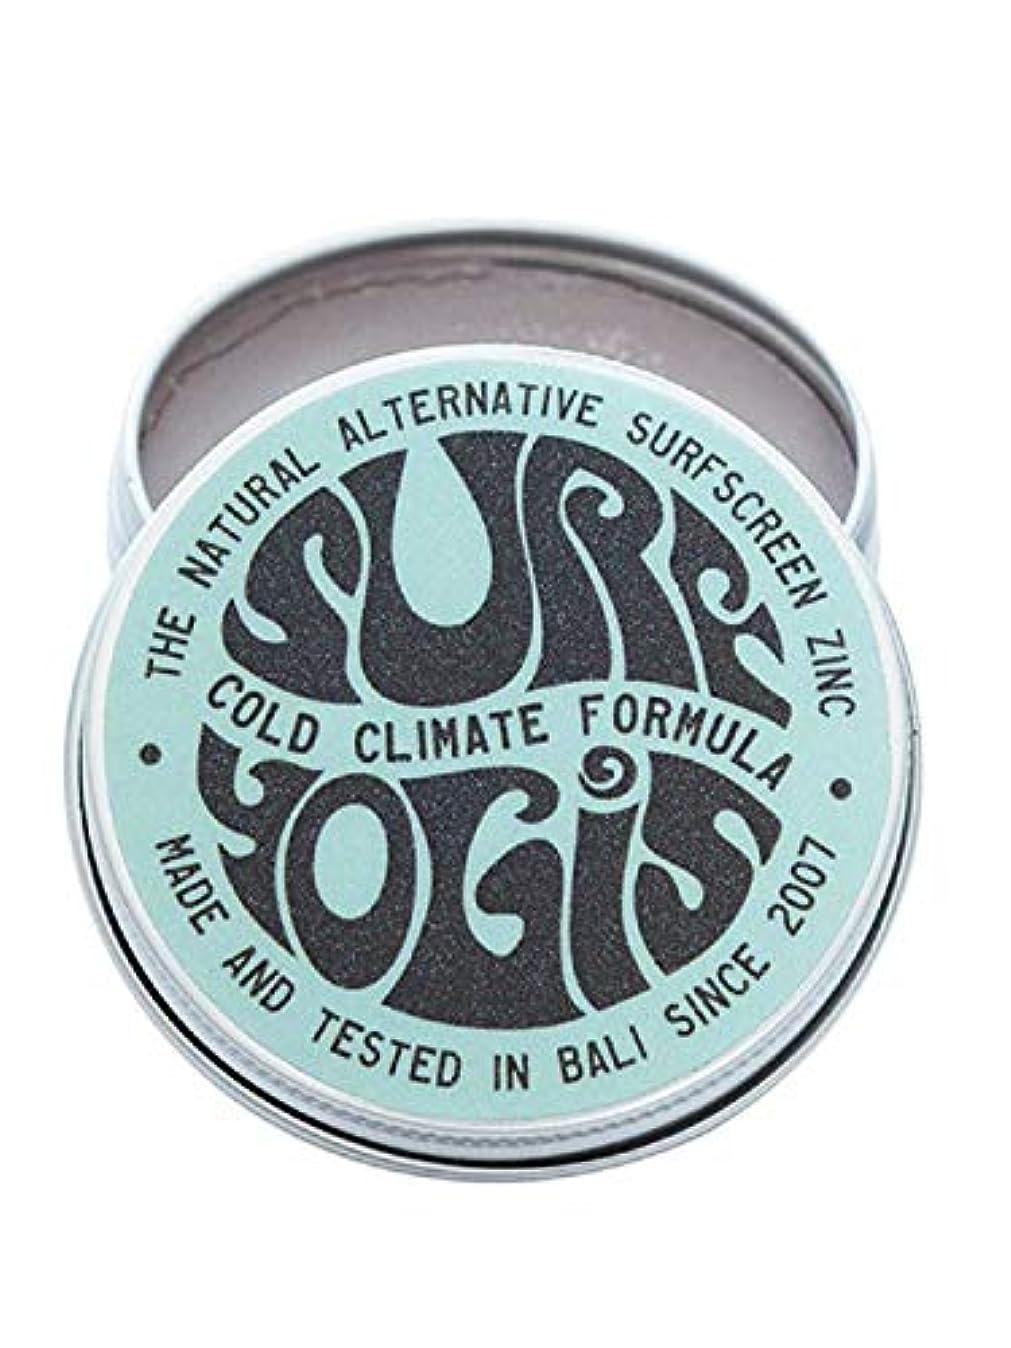 フライカイト雄弁家ドックSURF YOGIS(サーフヨギ) ナチュラルサーフスクリーン COLD CLIMATE FORMULA フォーミュラ 冬用 柔らかめ 日焼け止め オーガニック素材 60g SPF50 ノンケミカル